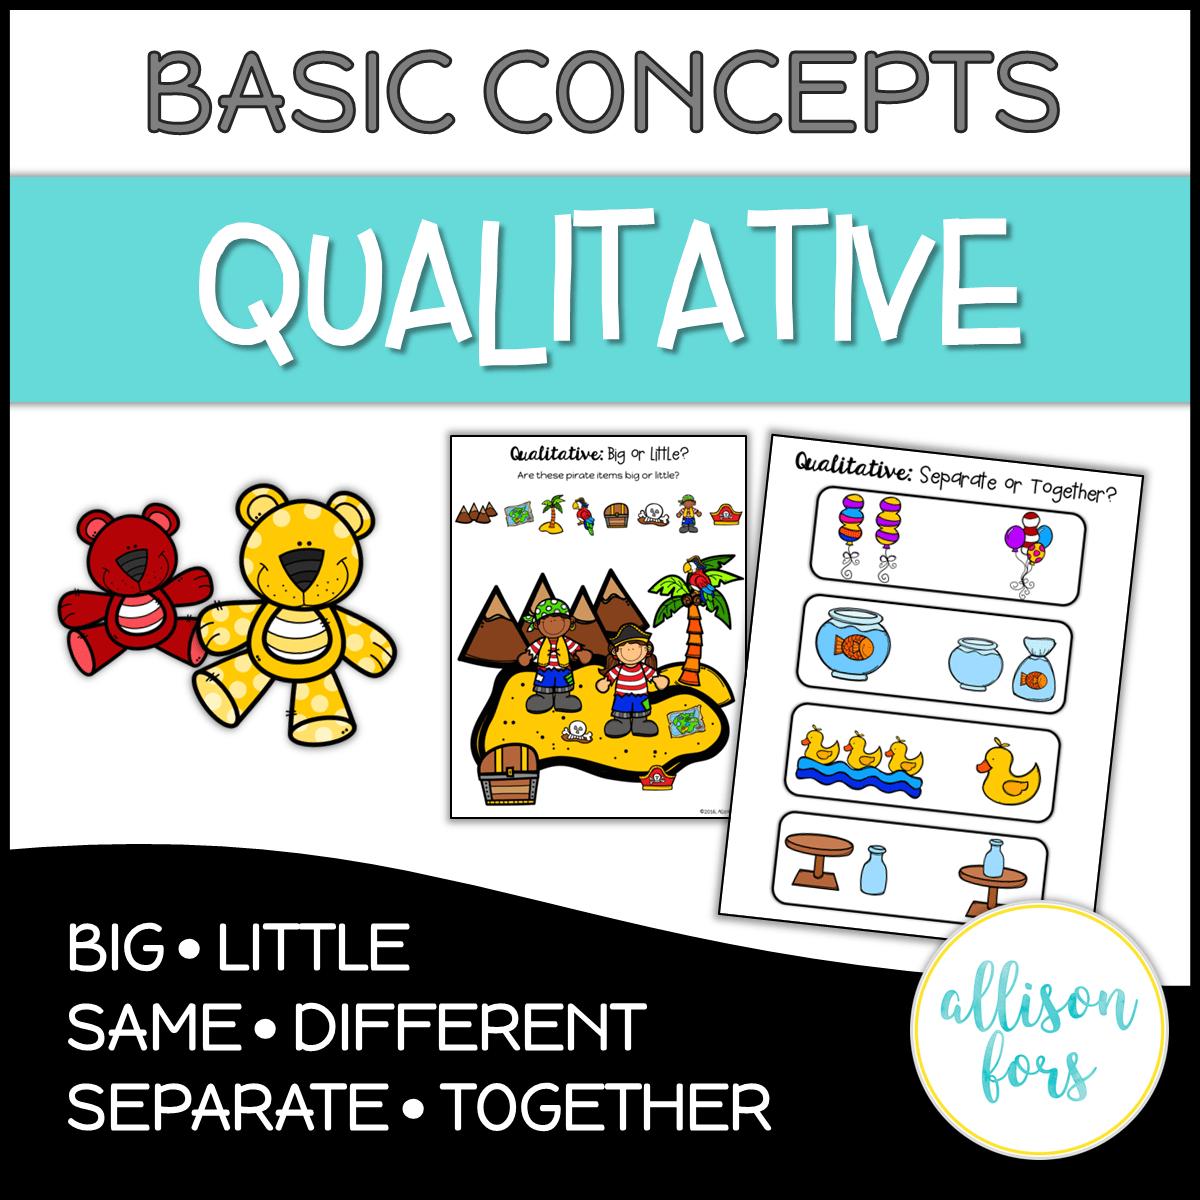 Basic Concepts Qualitative Concepts No Prep